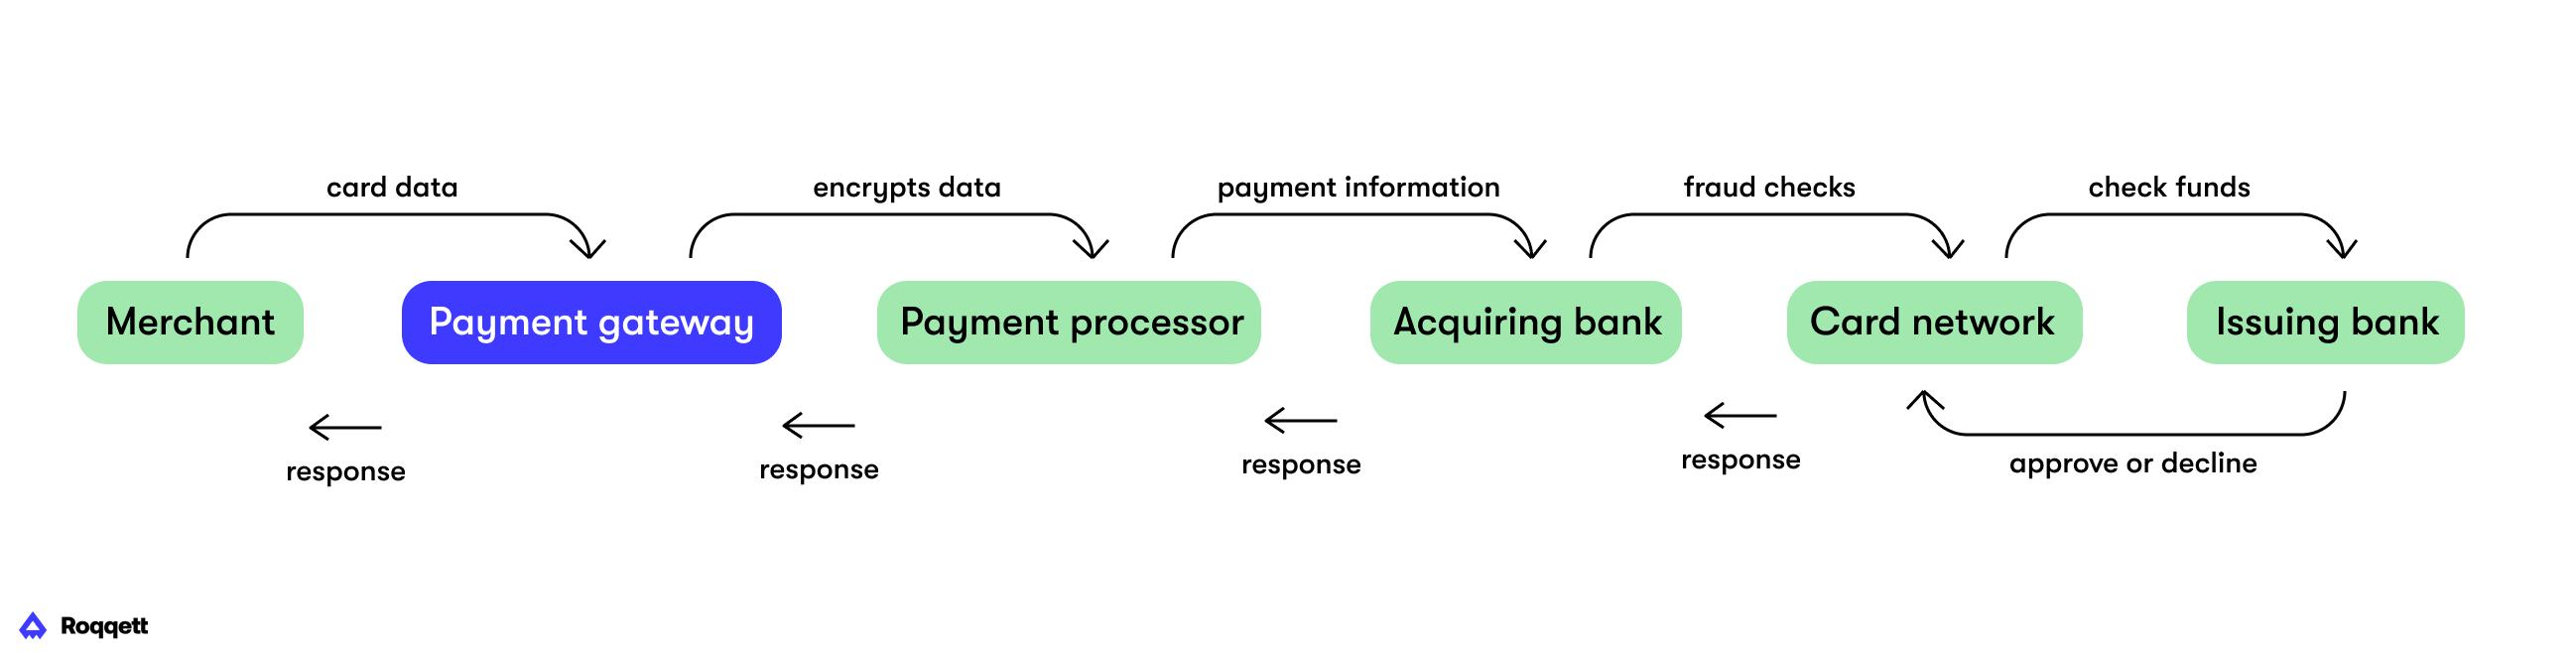 Payment Gateway diagram